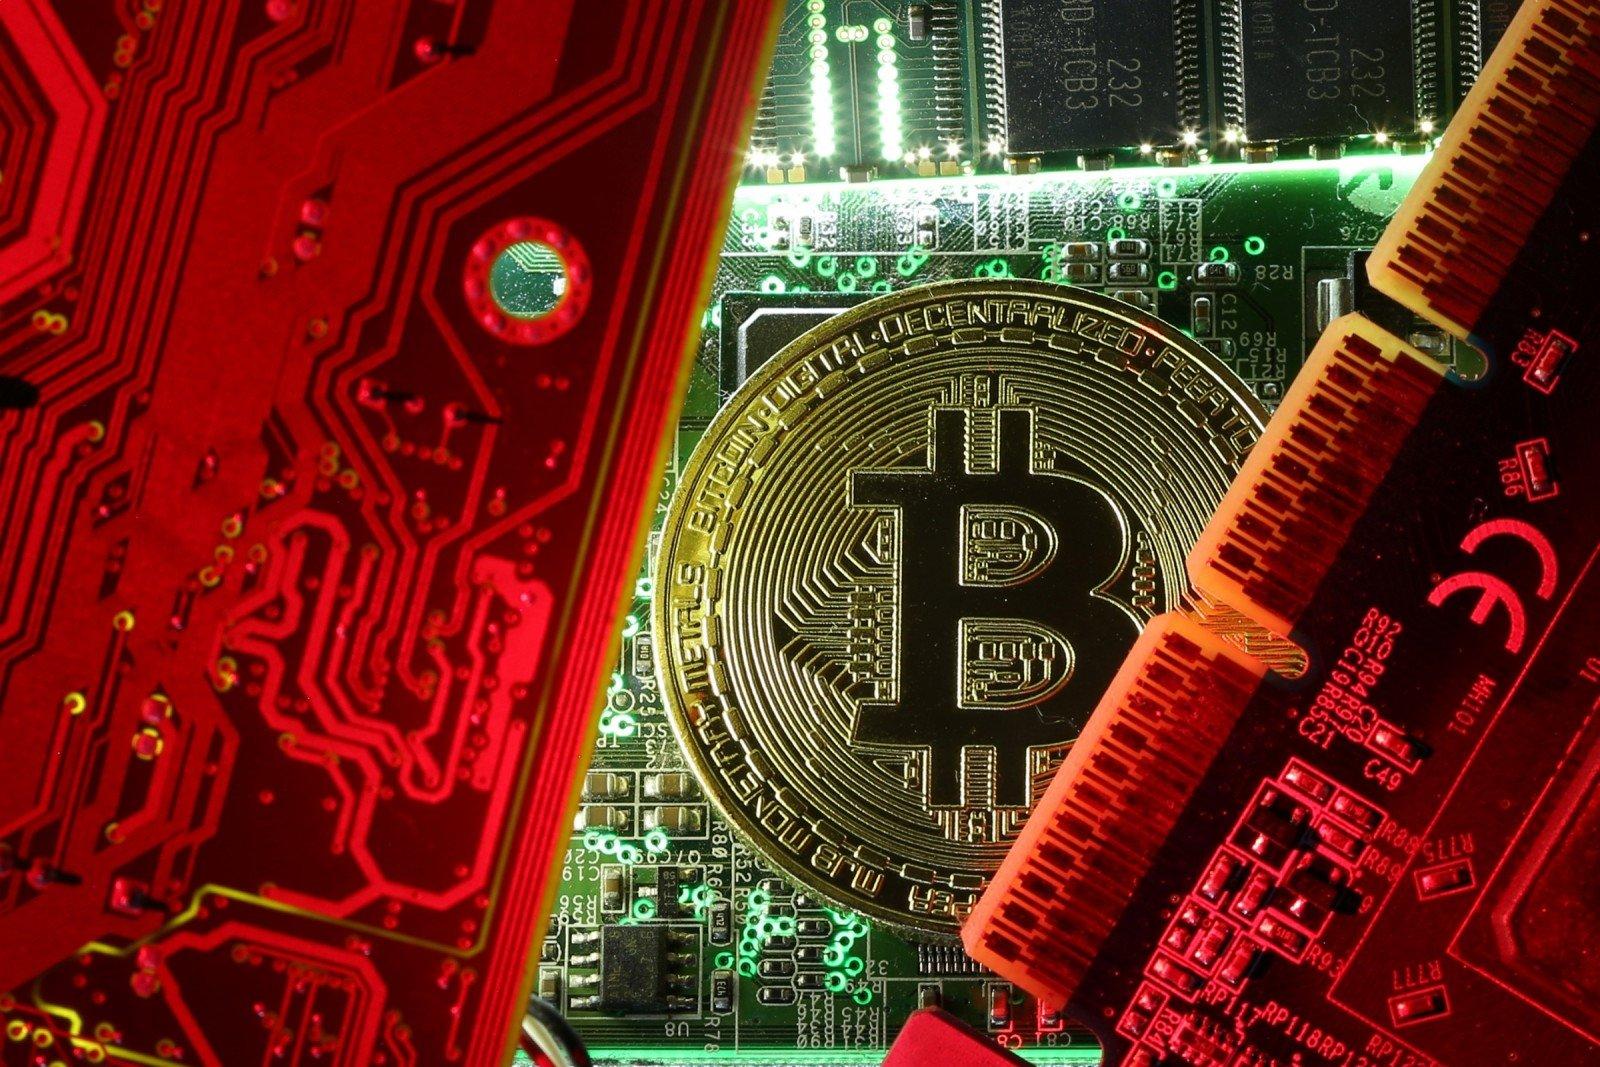 kurioje šalyje bitkoinas vaizdo įrašas apie dvejetainių parinkčių strategiją